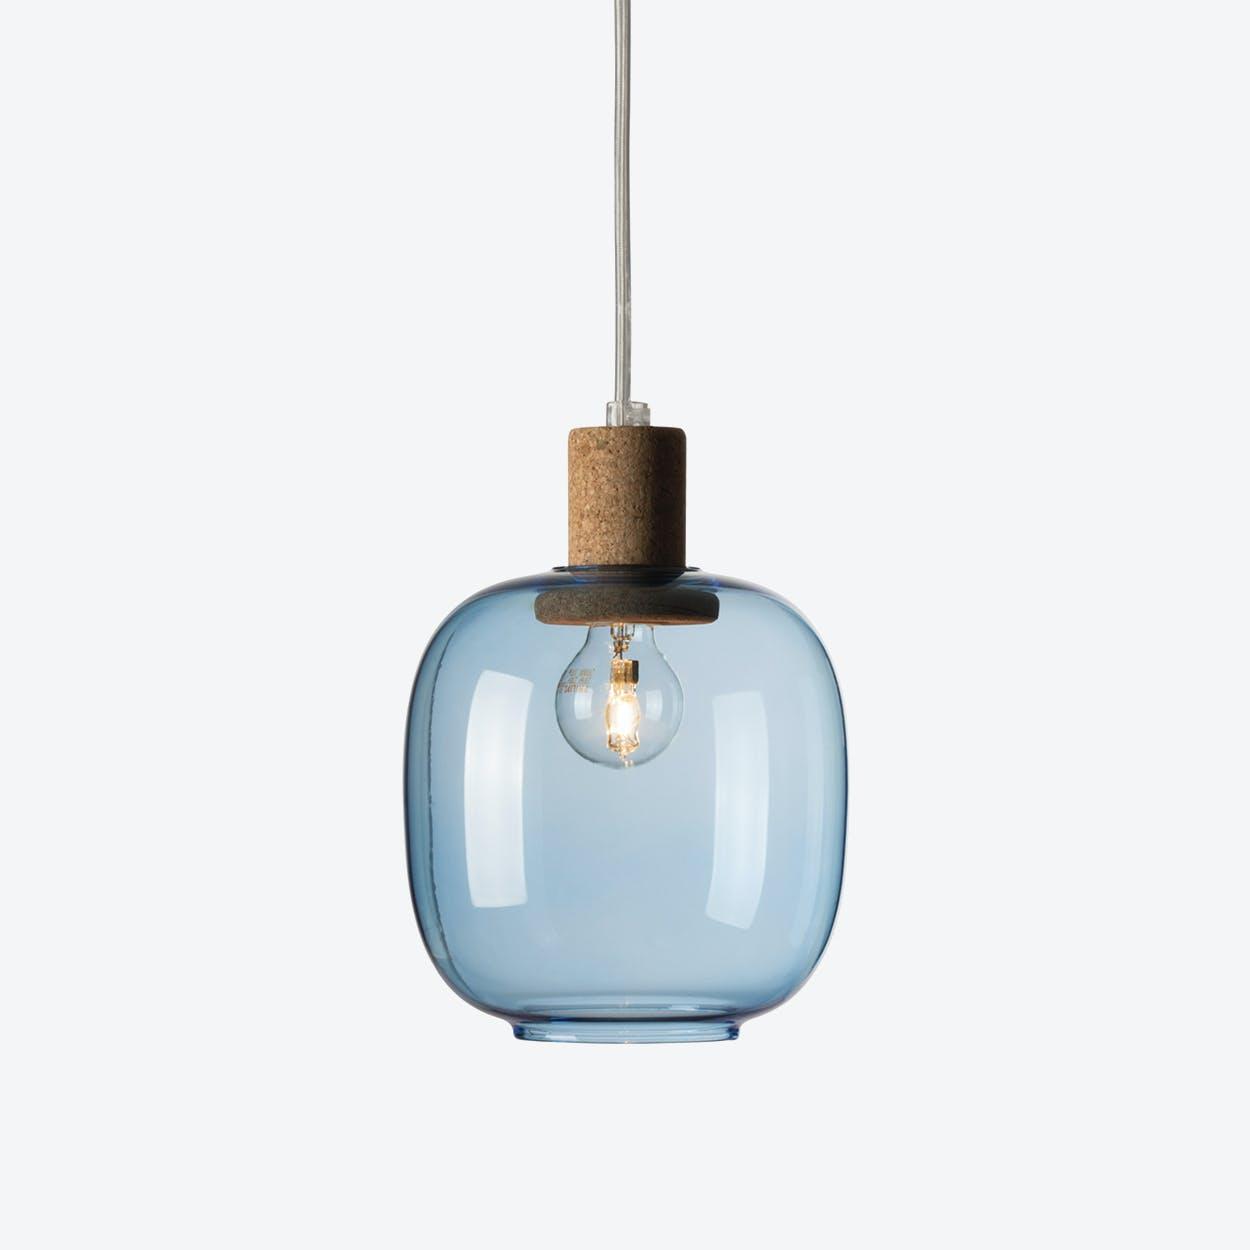 Picia Pendant Lamp in Blue Glass